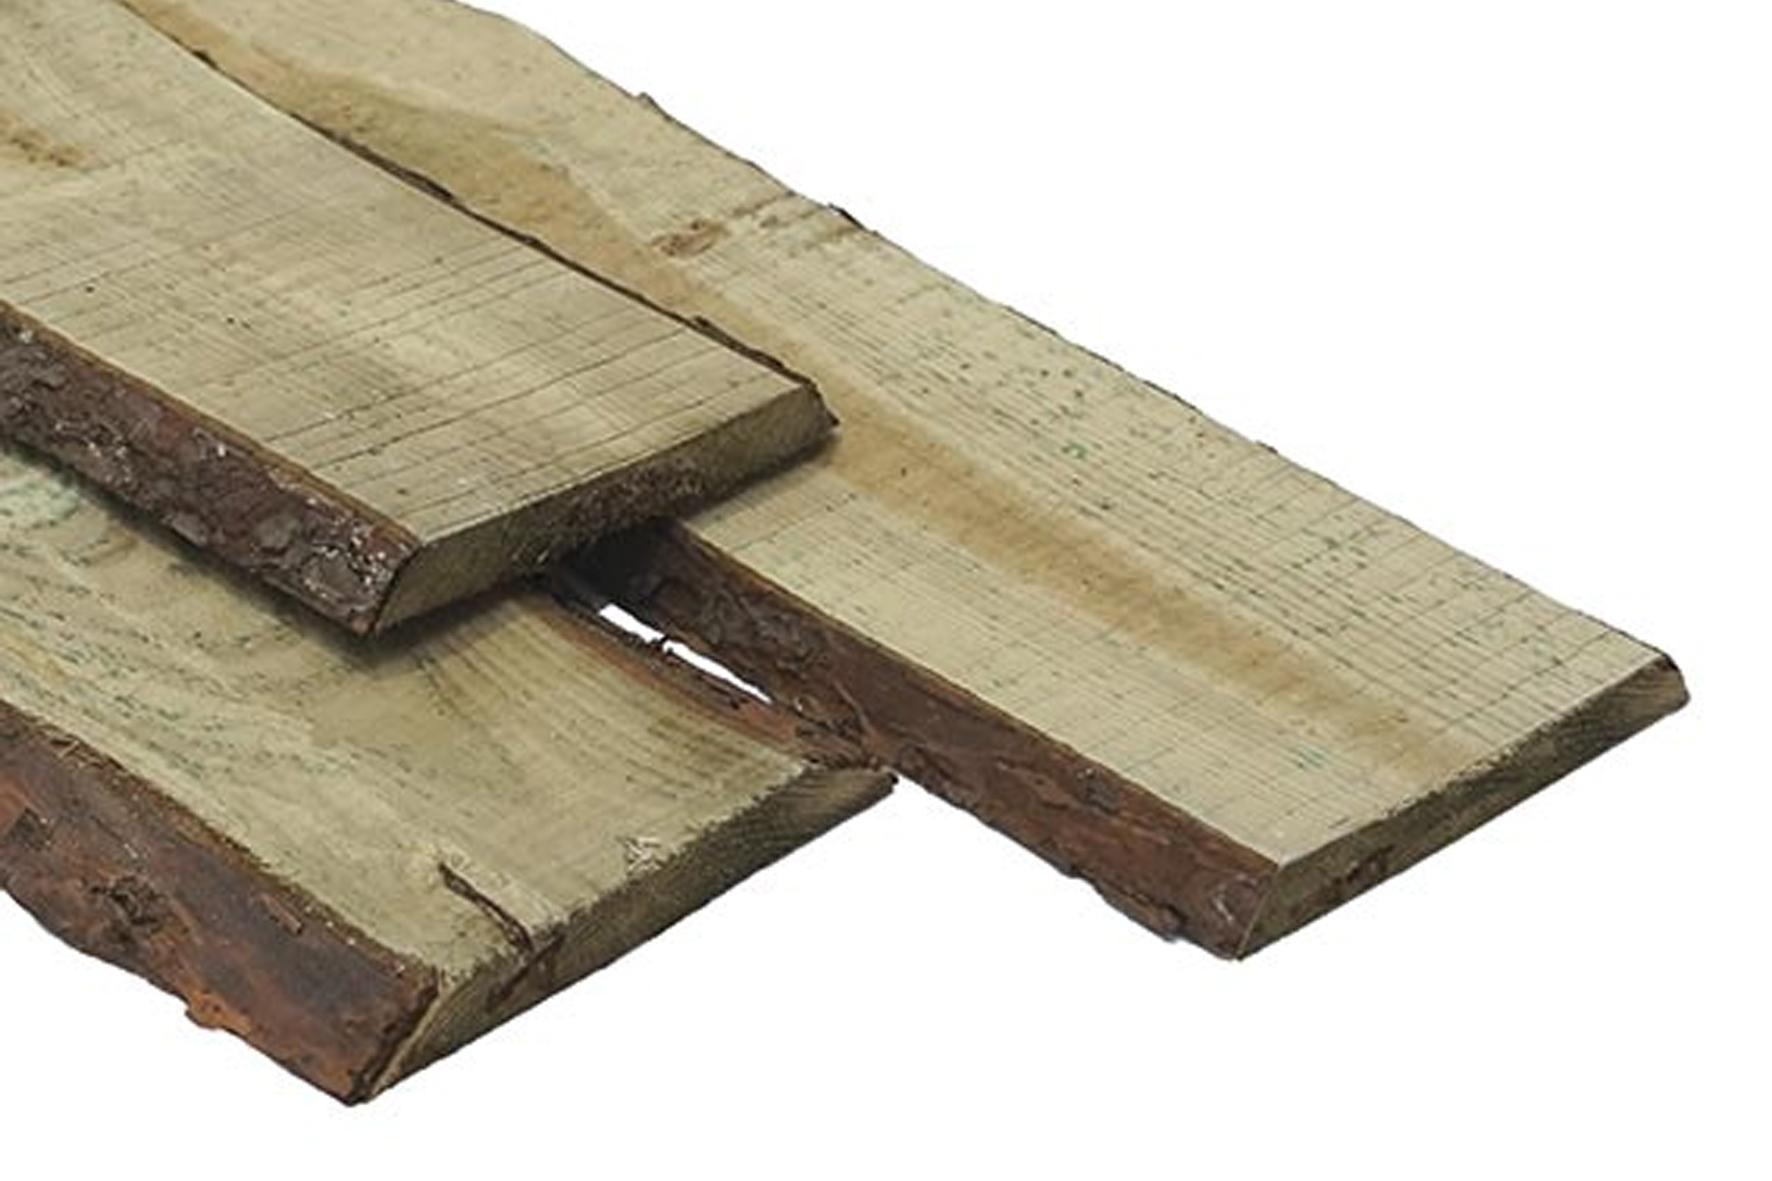 Planches Pour Bardage Du Rayon Jardin - Achetez En Ligne! intérieur Planche Pour Cloture Jardin